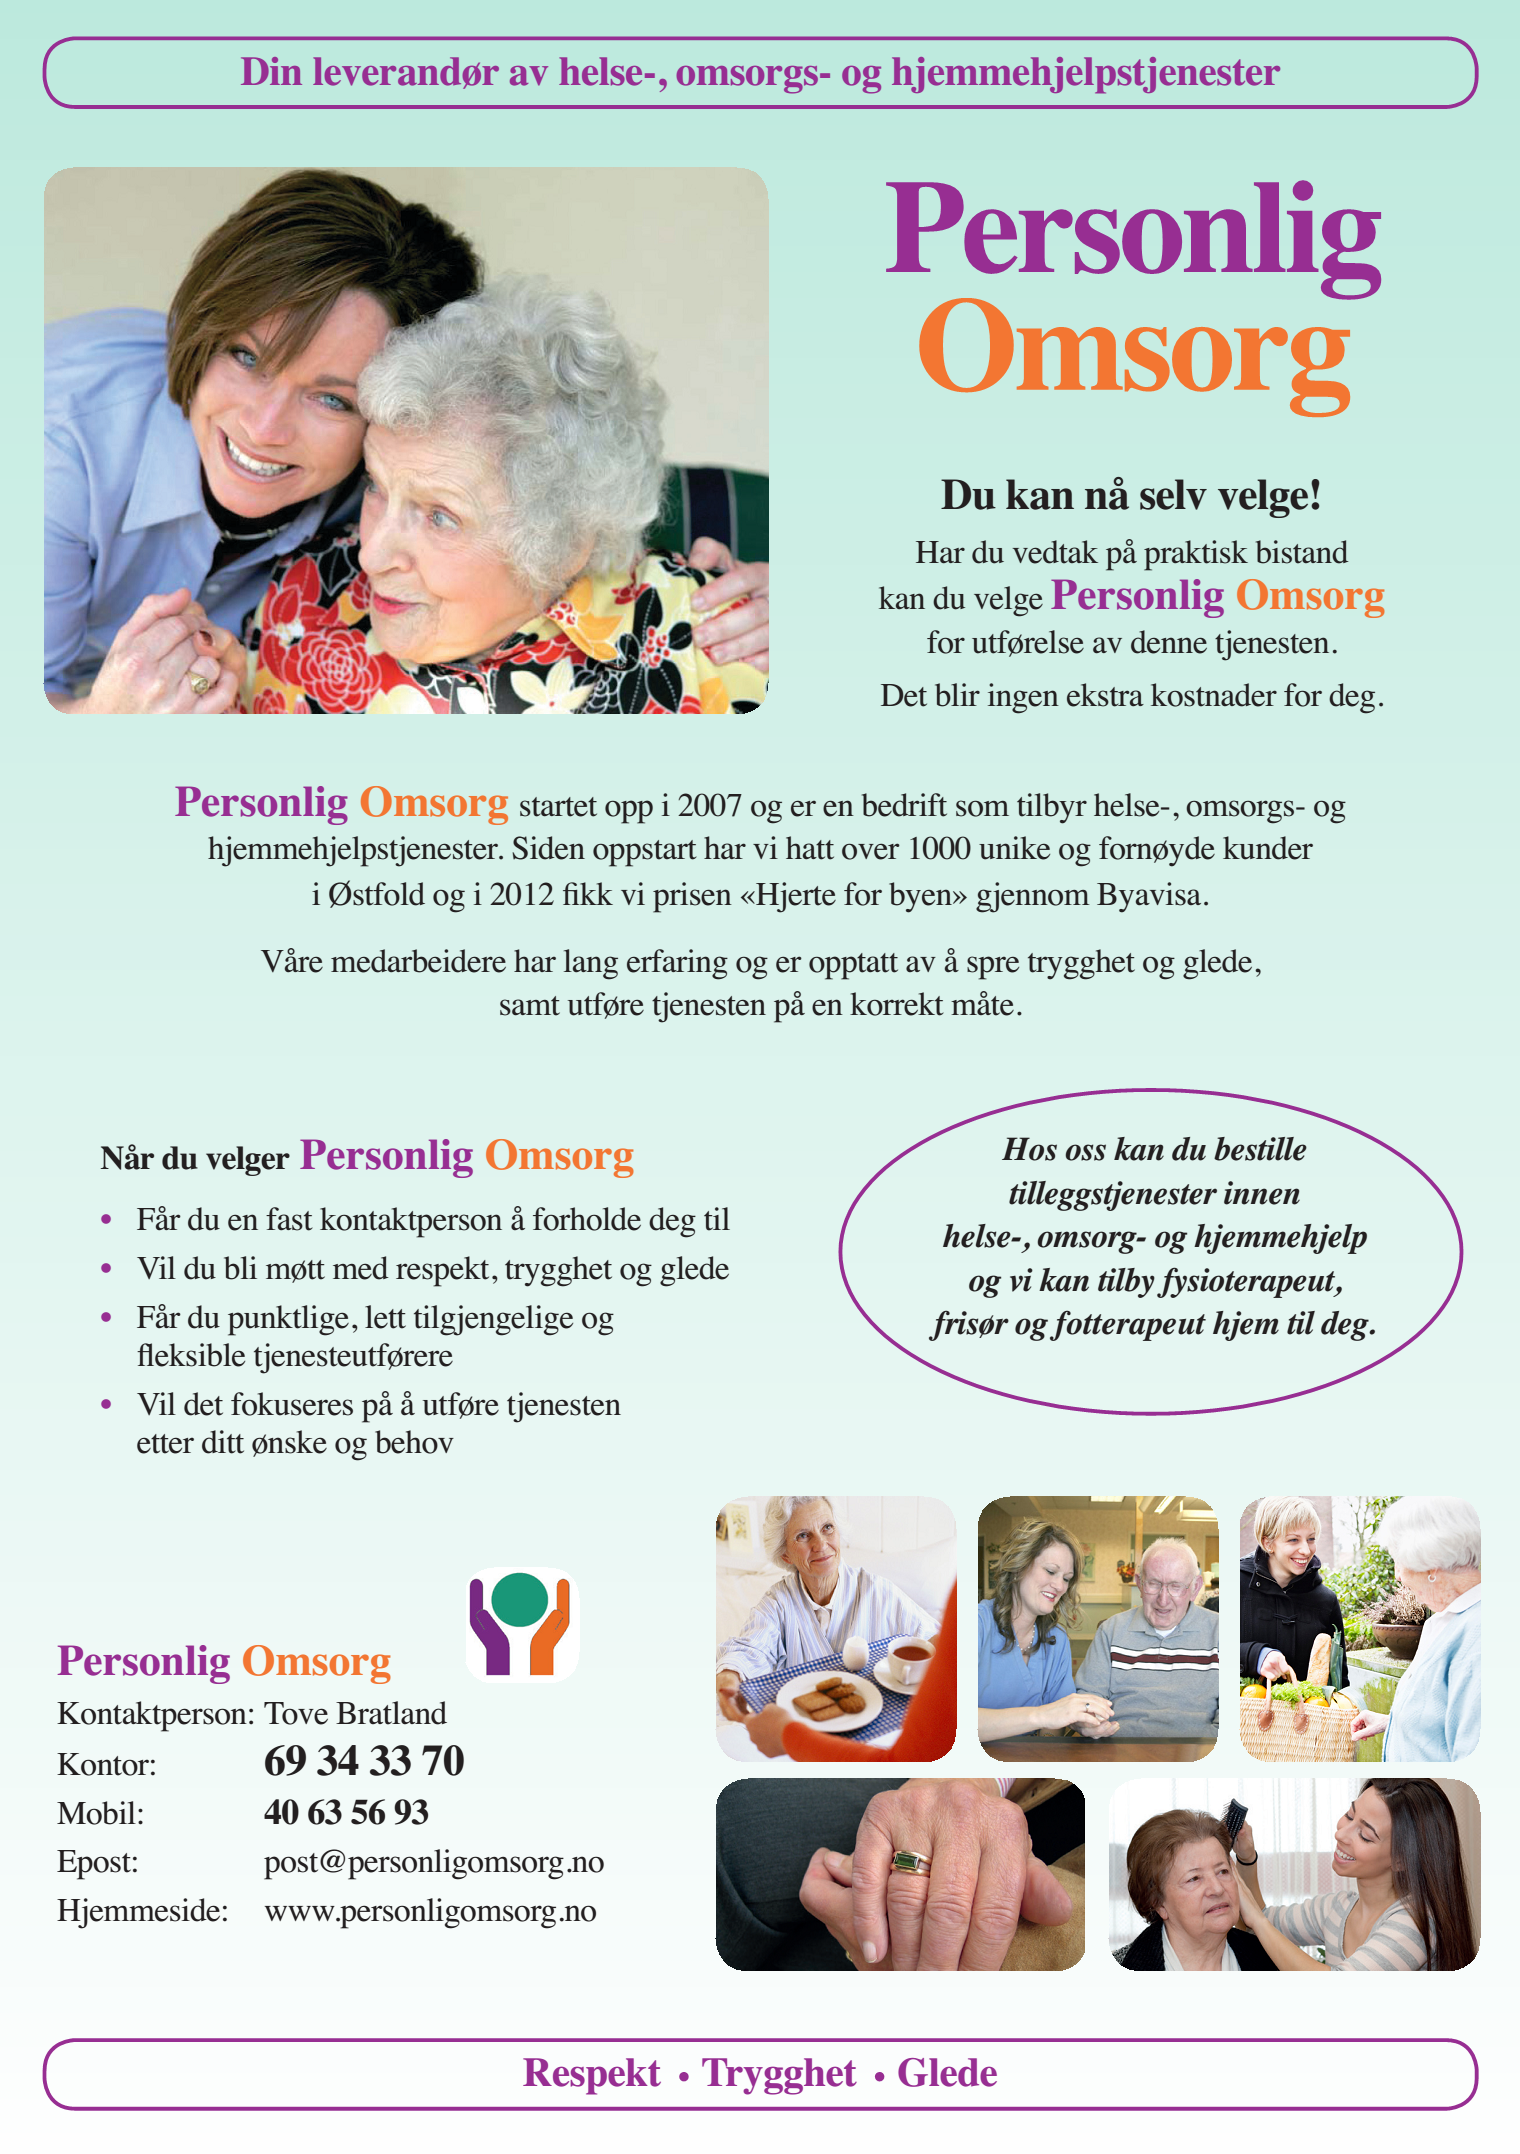 Personlig Omsorg er tjenestegodkjent i Moss (brosjyre)